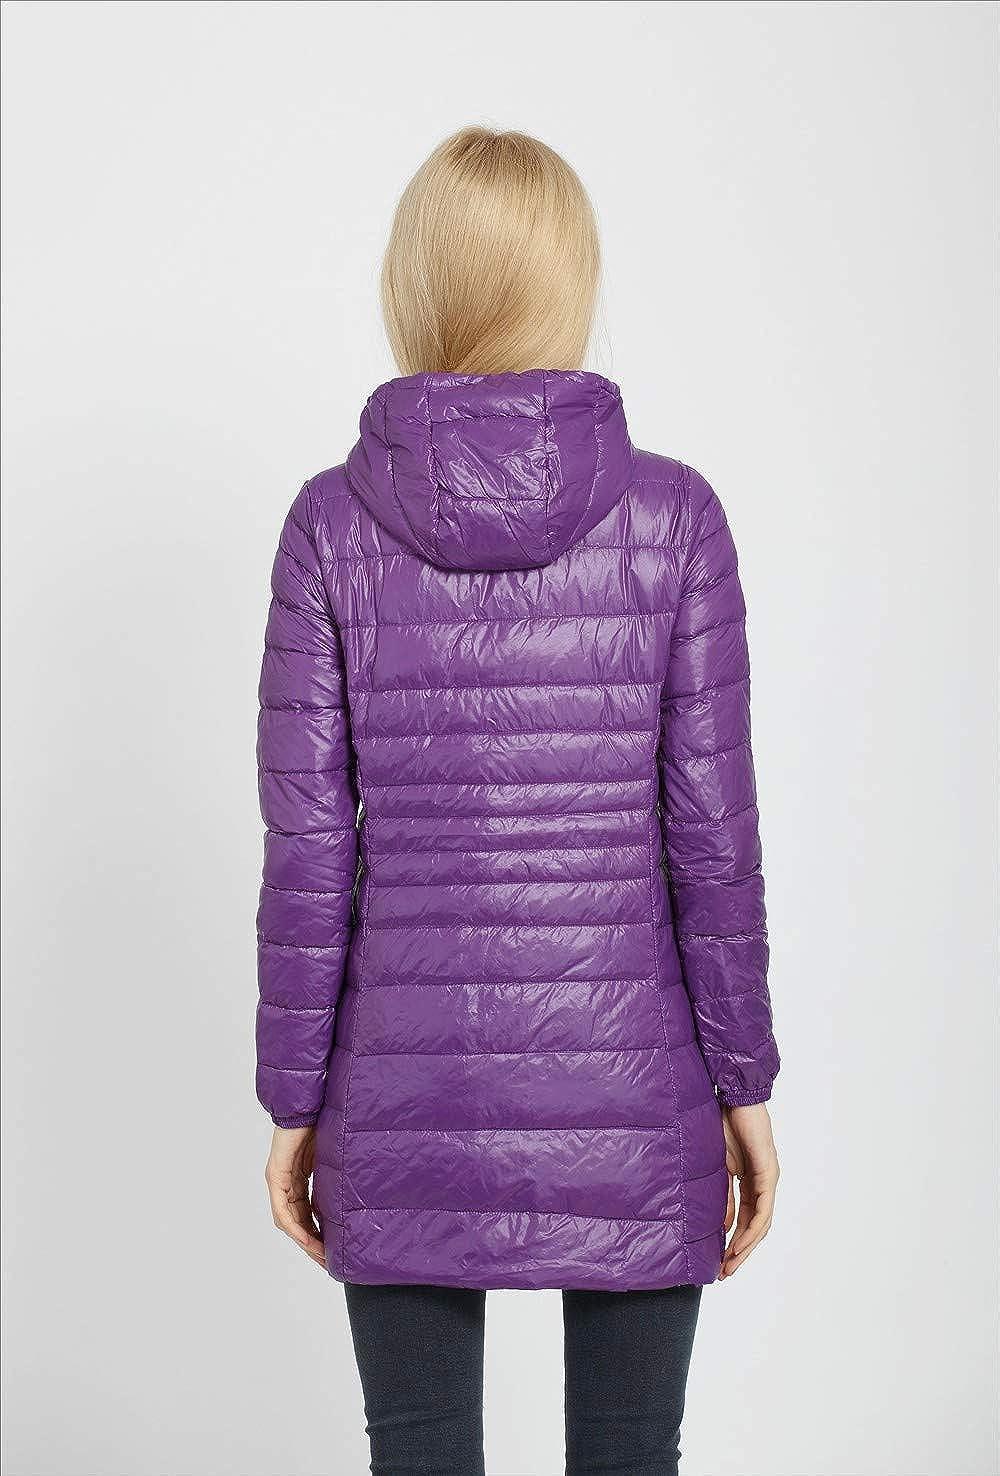 JJZXX Blouson Femme Léger Doudoune Veste, Hooded Down Jacket à Capuche Manteau, Coupe-Vent, 12 Couleur XXS-5XL Violet